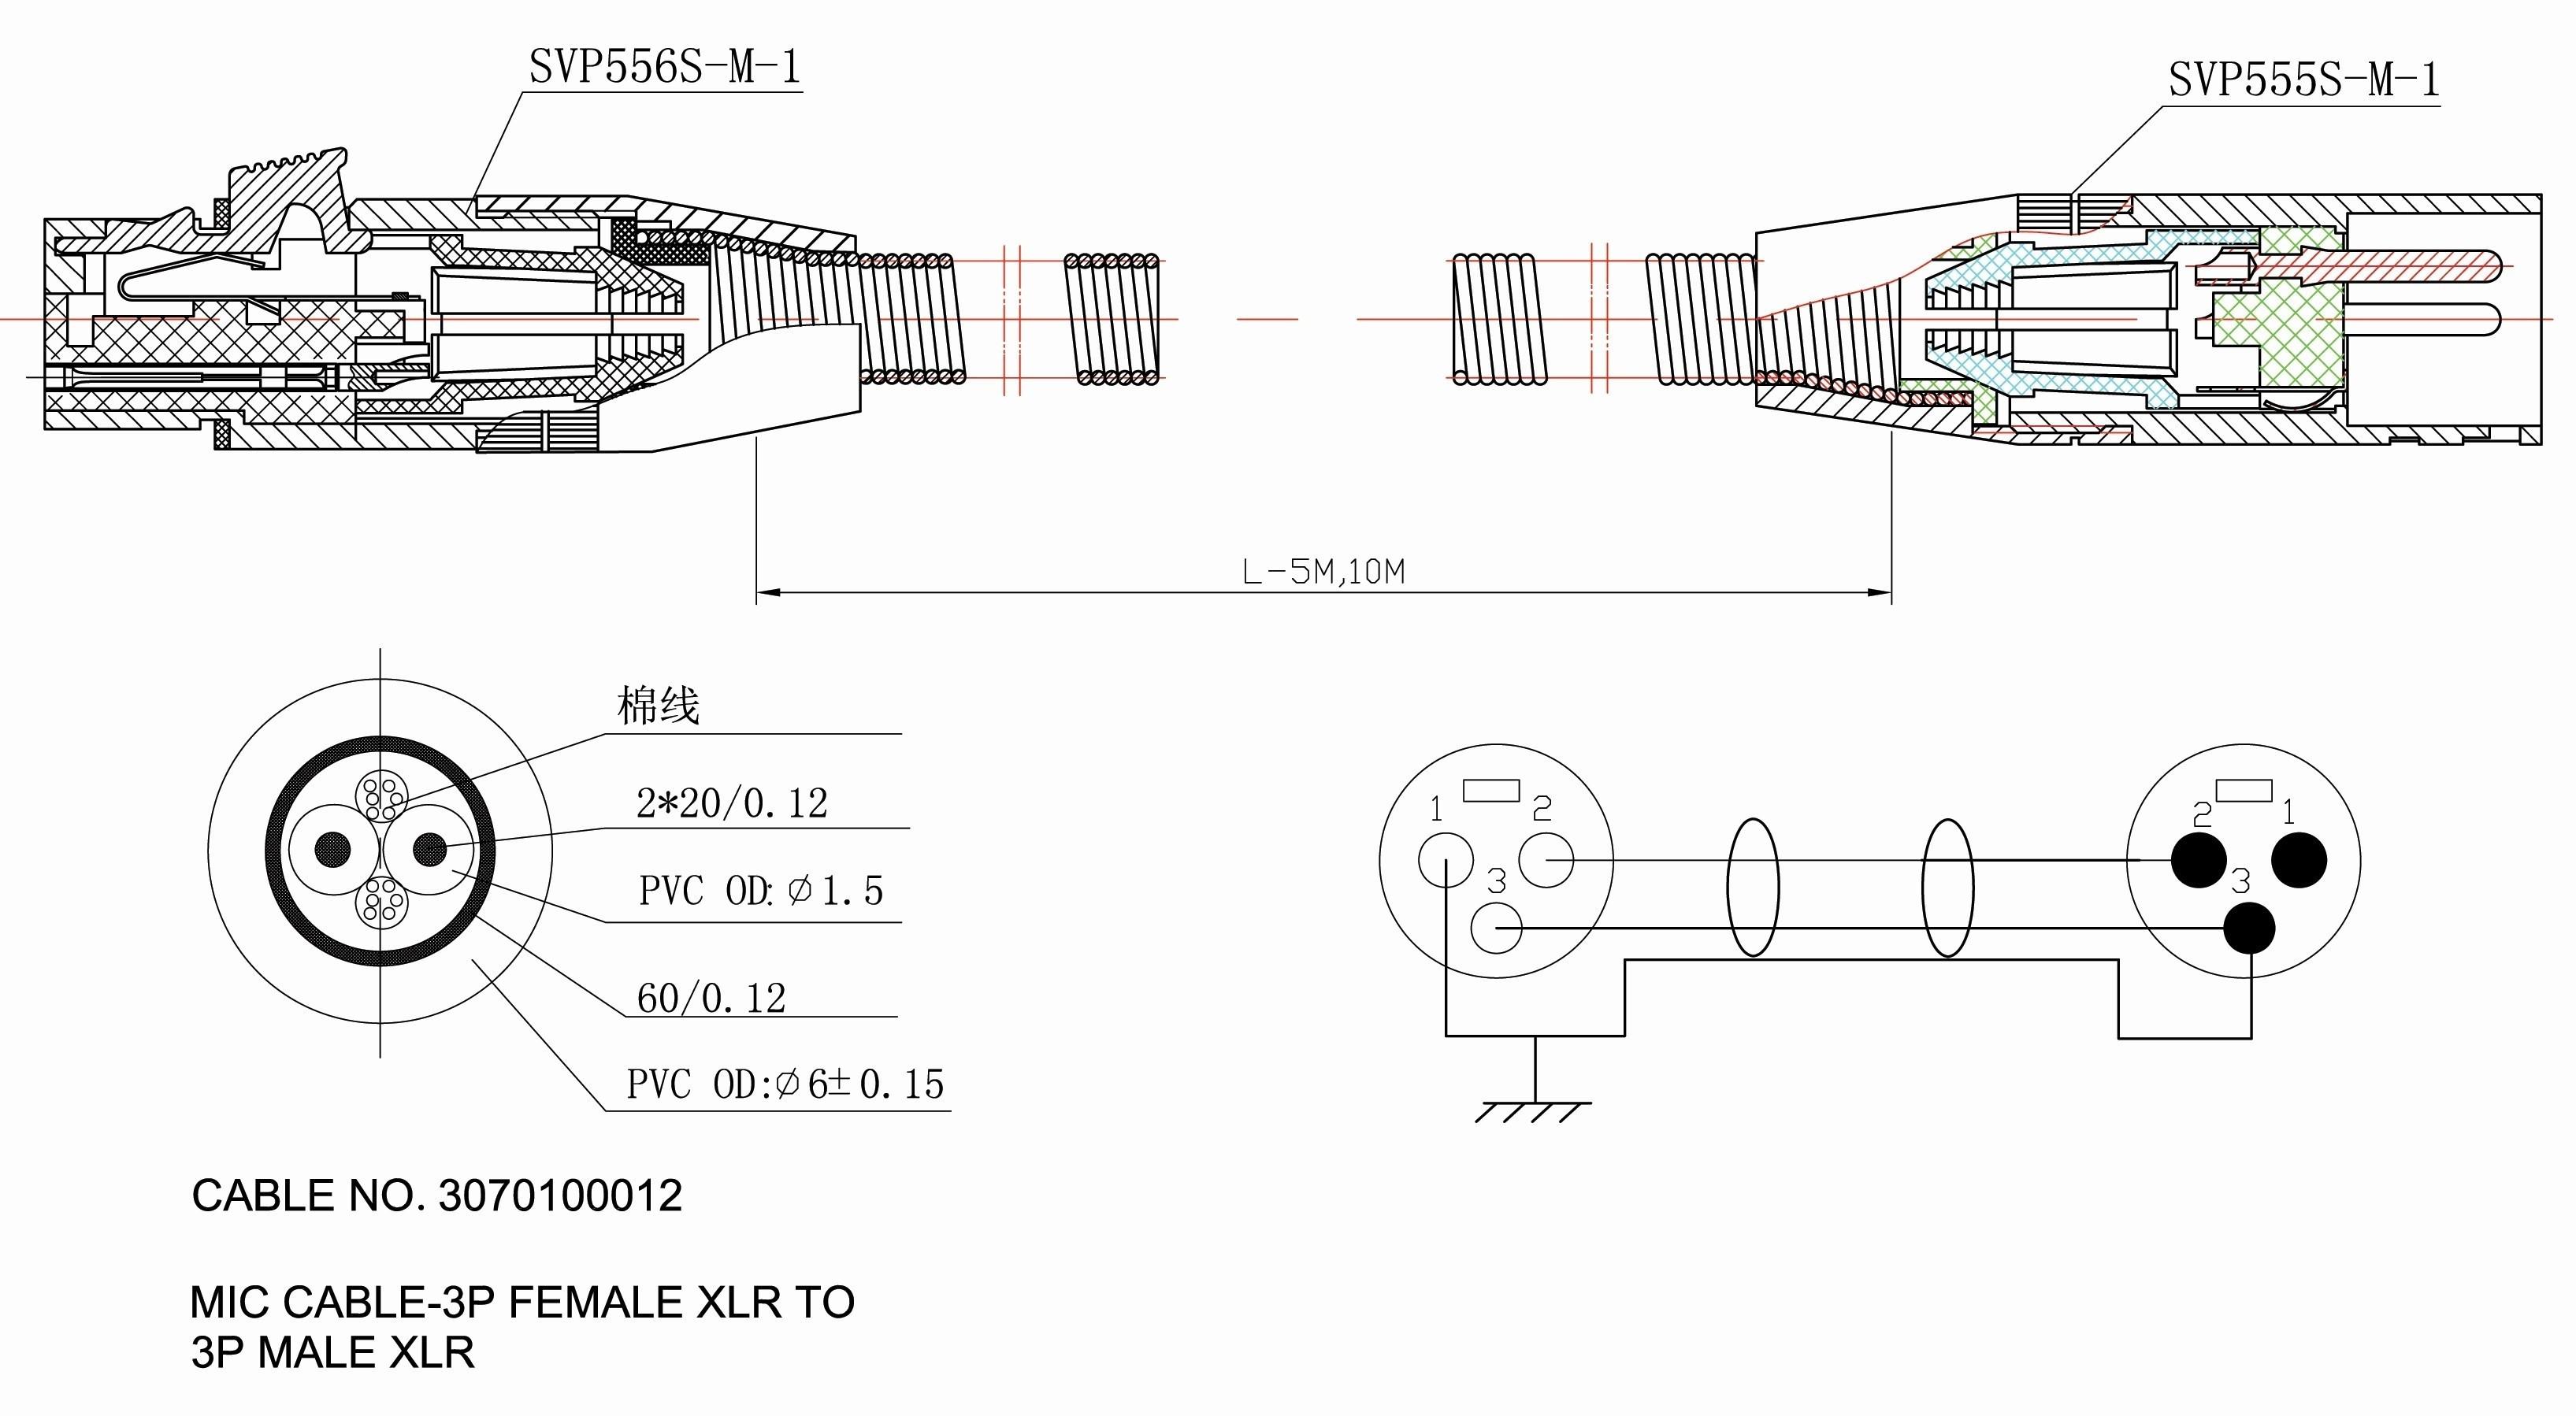 Rj45 Jack Wiring Diagram Rj45 Wiring Diagram Australia Of Rj45 Jack Wiring Diagram